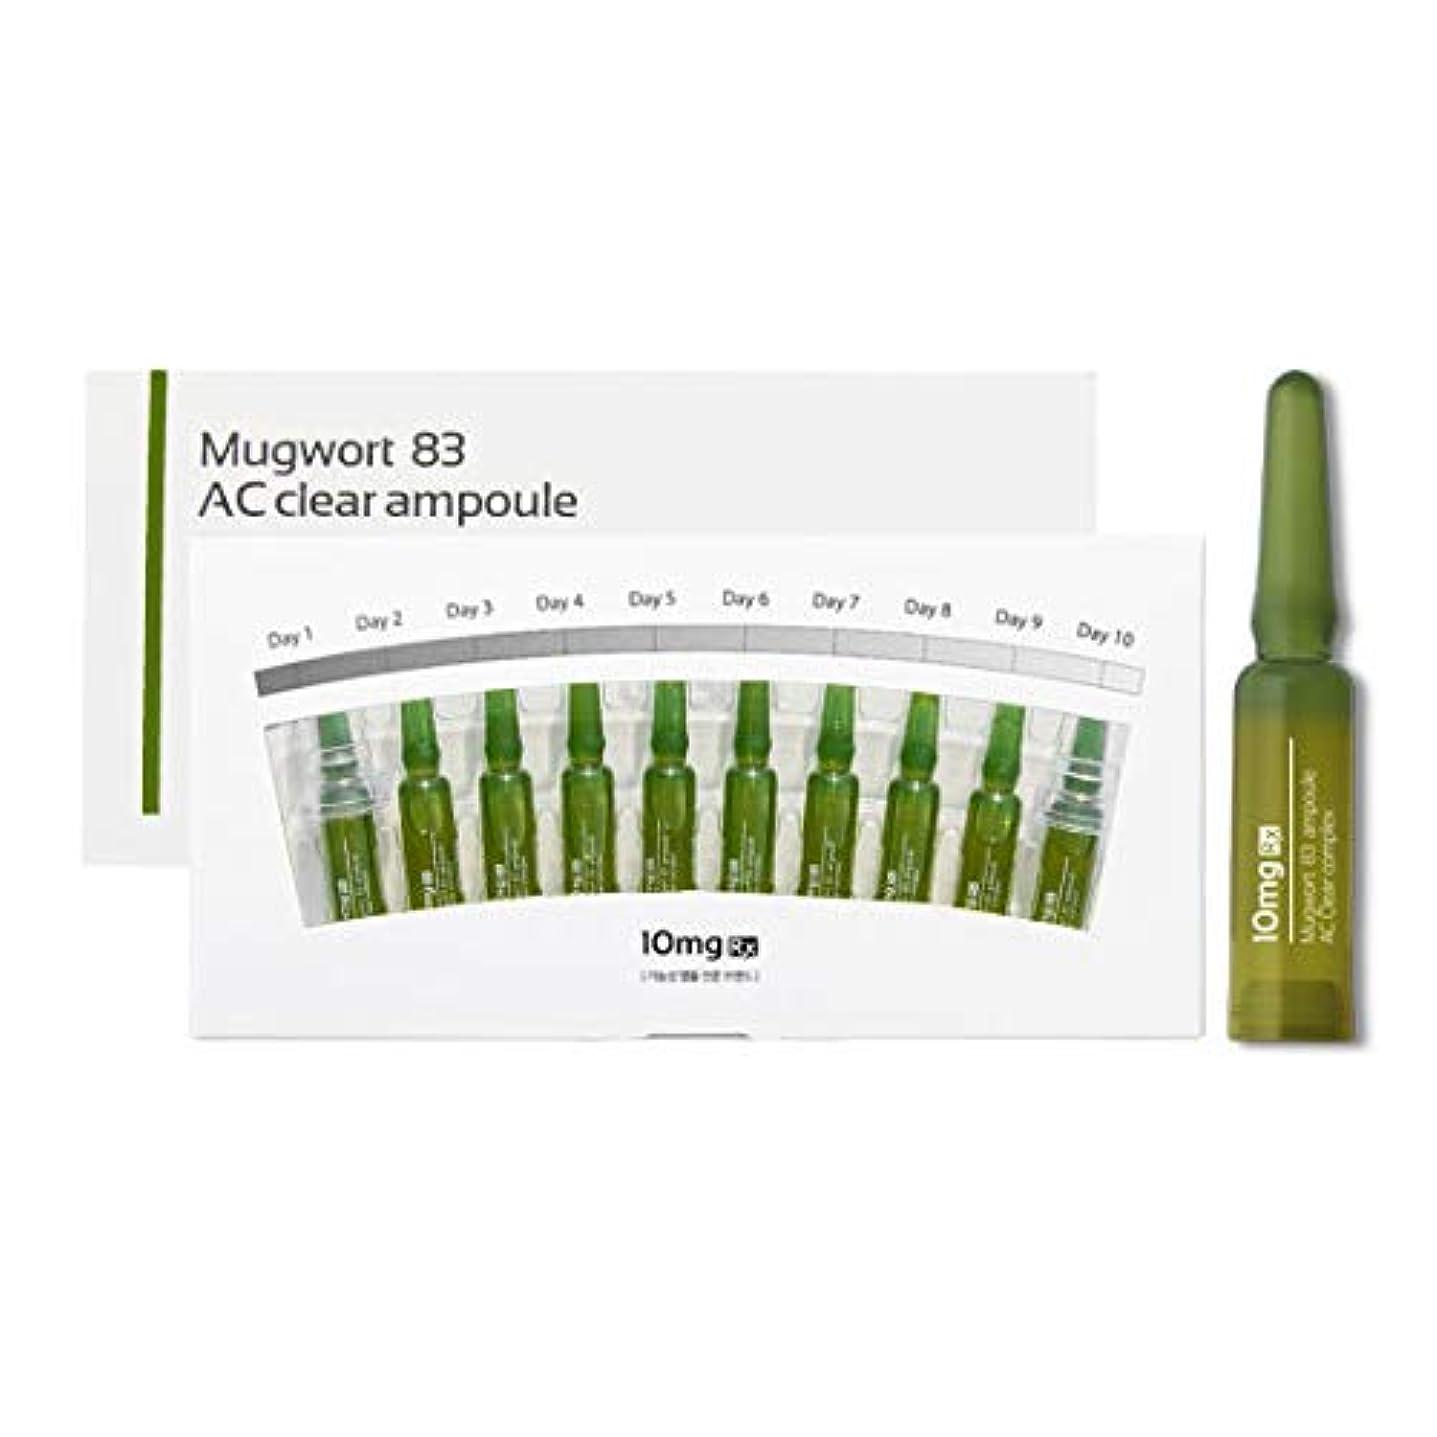 同一のバーターハイブリッドAIDA 10mgRx マグワート83 ACクリアアンプル 2mlx10ea (皮脂コントロール、傷みにくい)/ Mugwort 83 AC Clear Ampoule